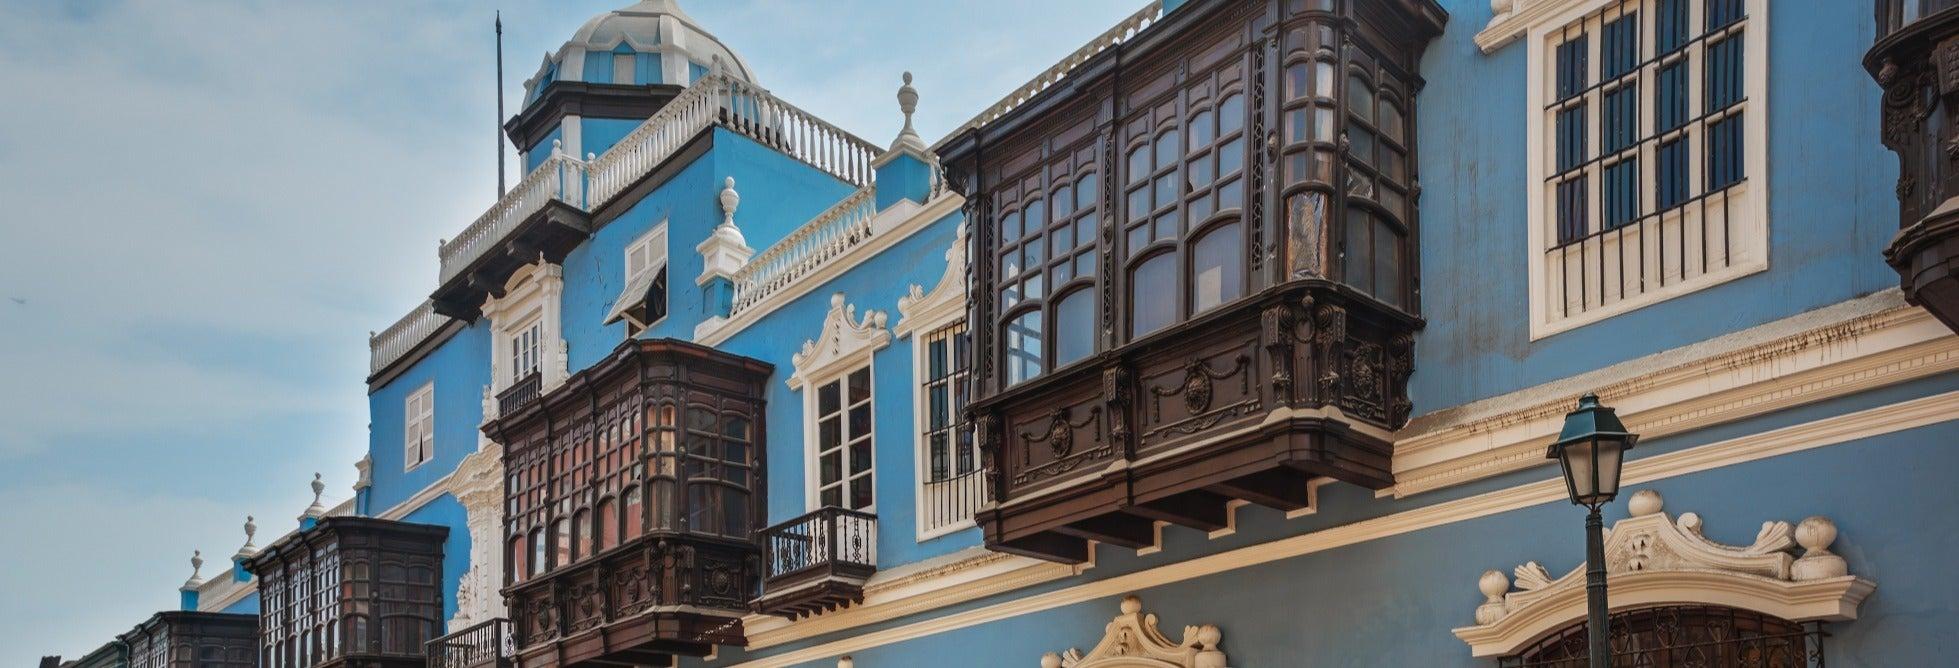 Tour por las casas coloniales de Lima